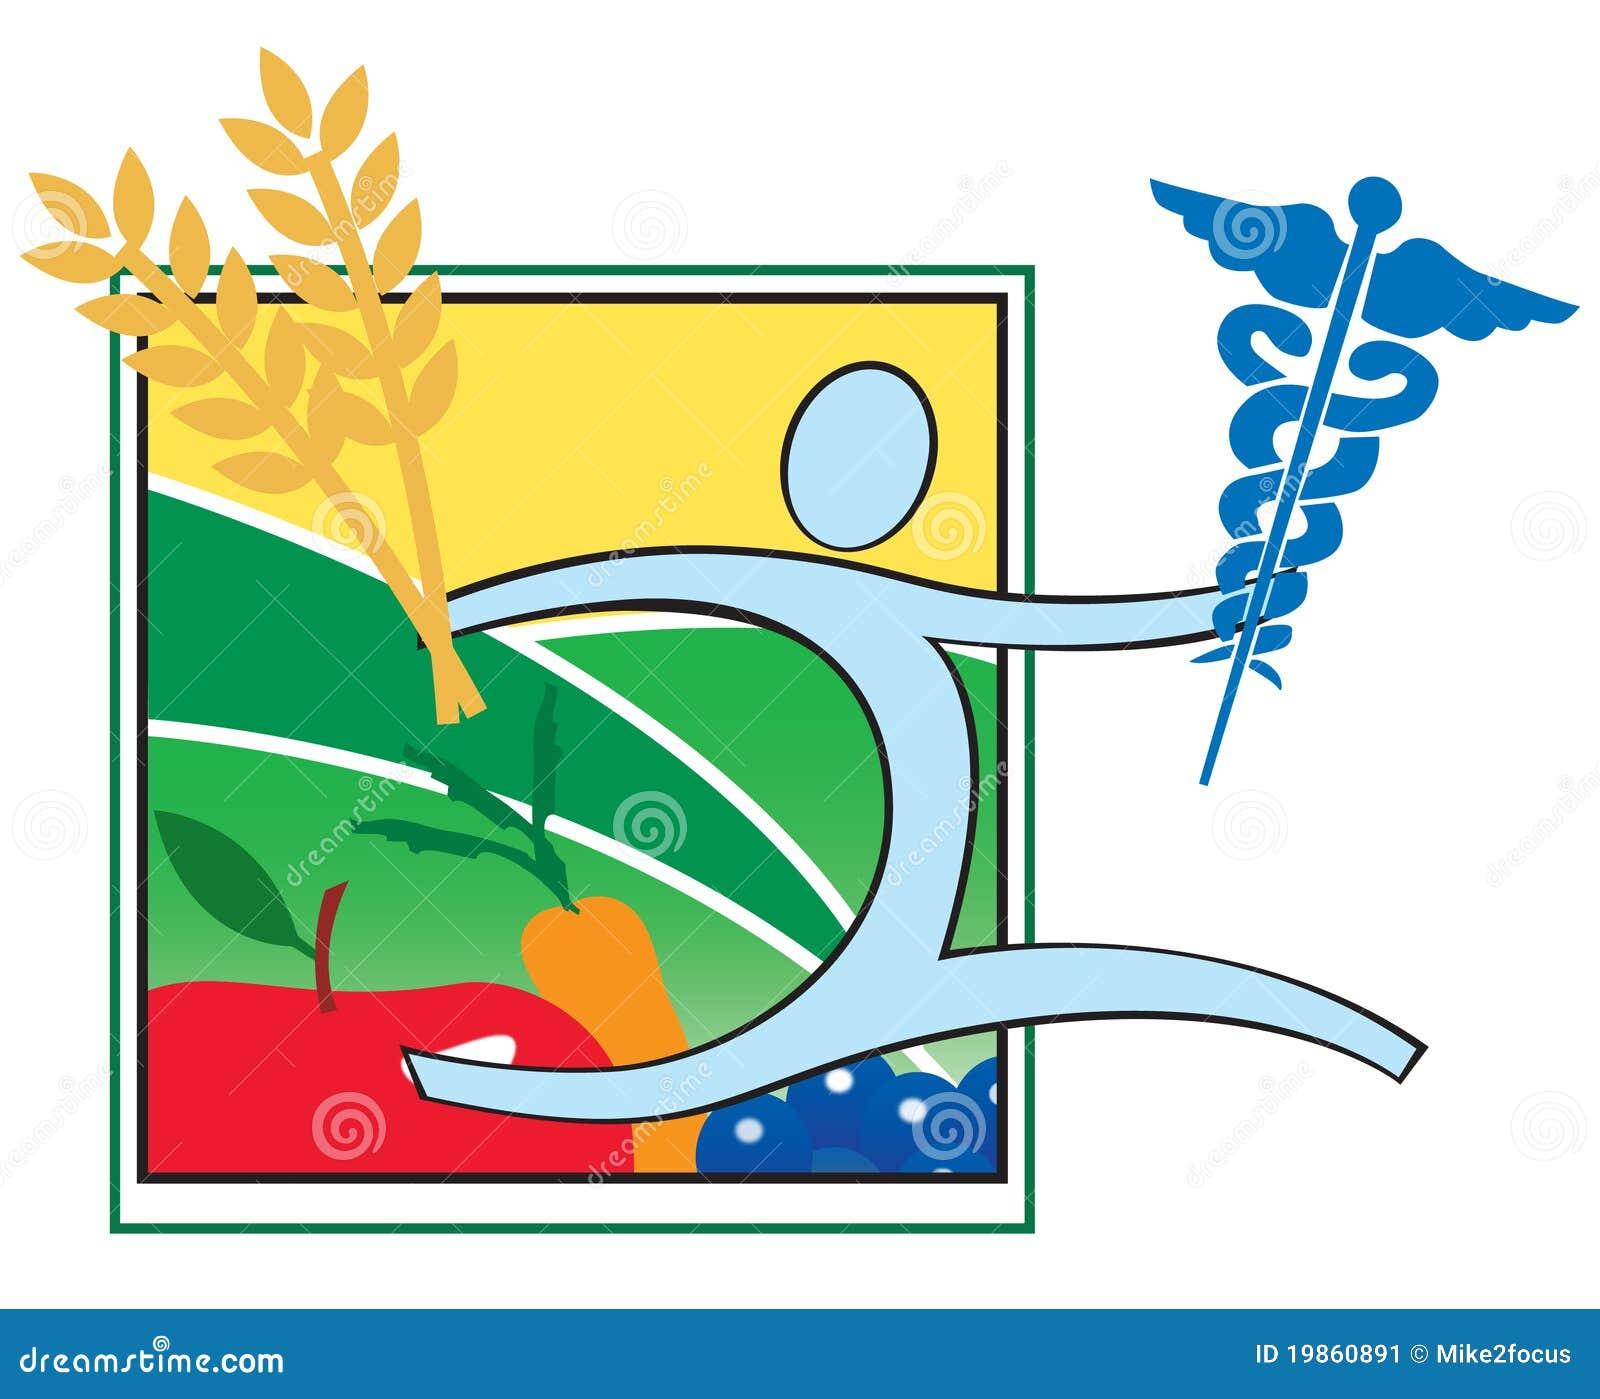 Salud, Nutrición Y Medicina Imagen de archivo - Imagen